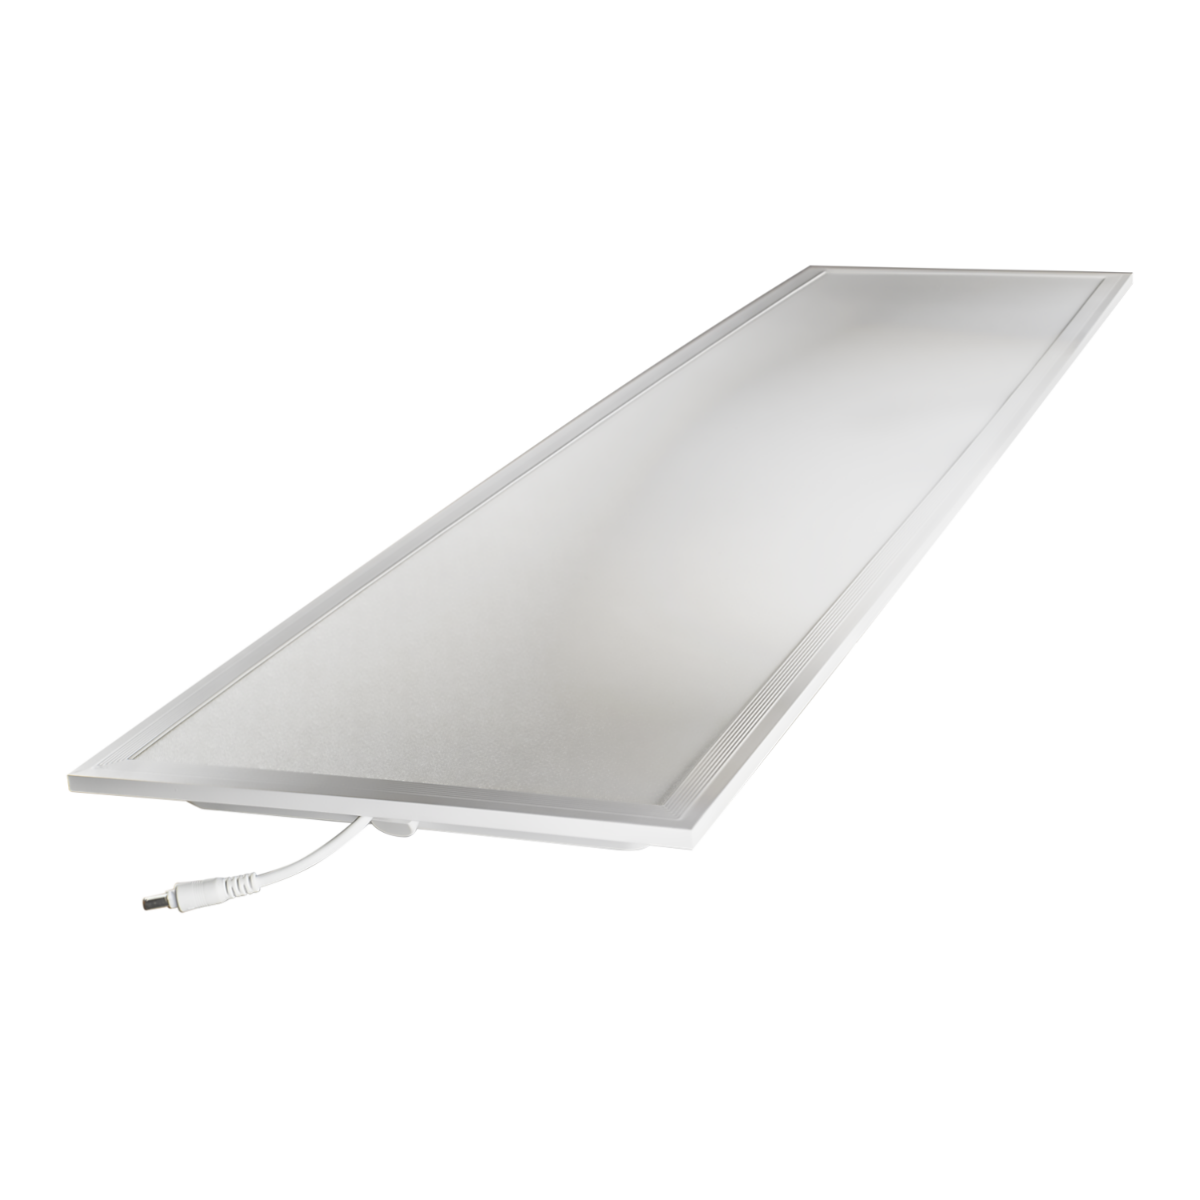 Noxion Panneau LED Delta Pro V2.0 Xitanium DALI 30W 30x120cm 6500K 4110lm UGR <19 | Dali Dimmable - Lumière du Jour - Substitut 2x36W